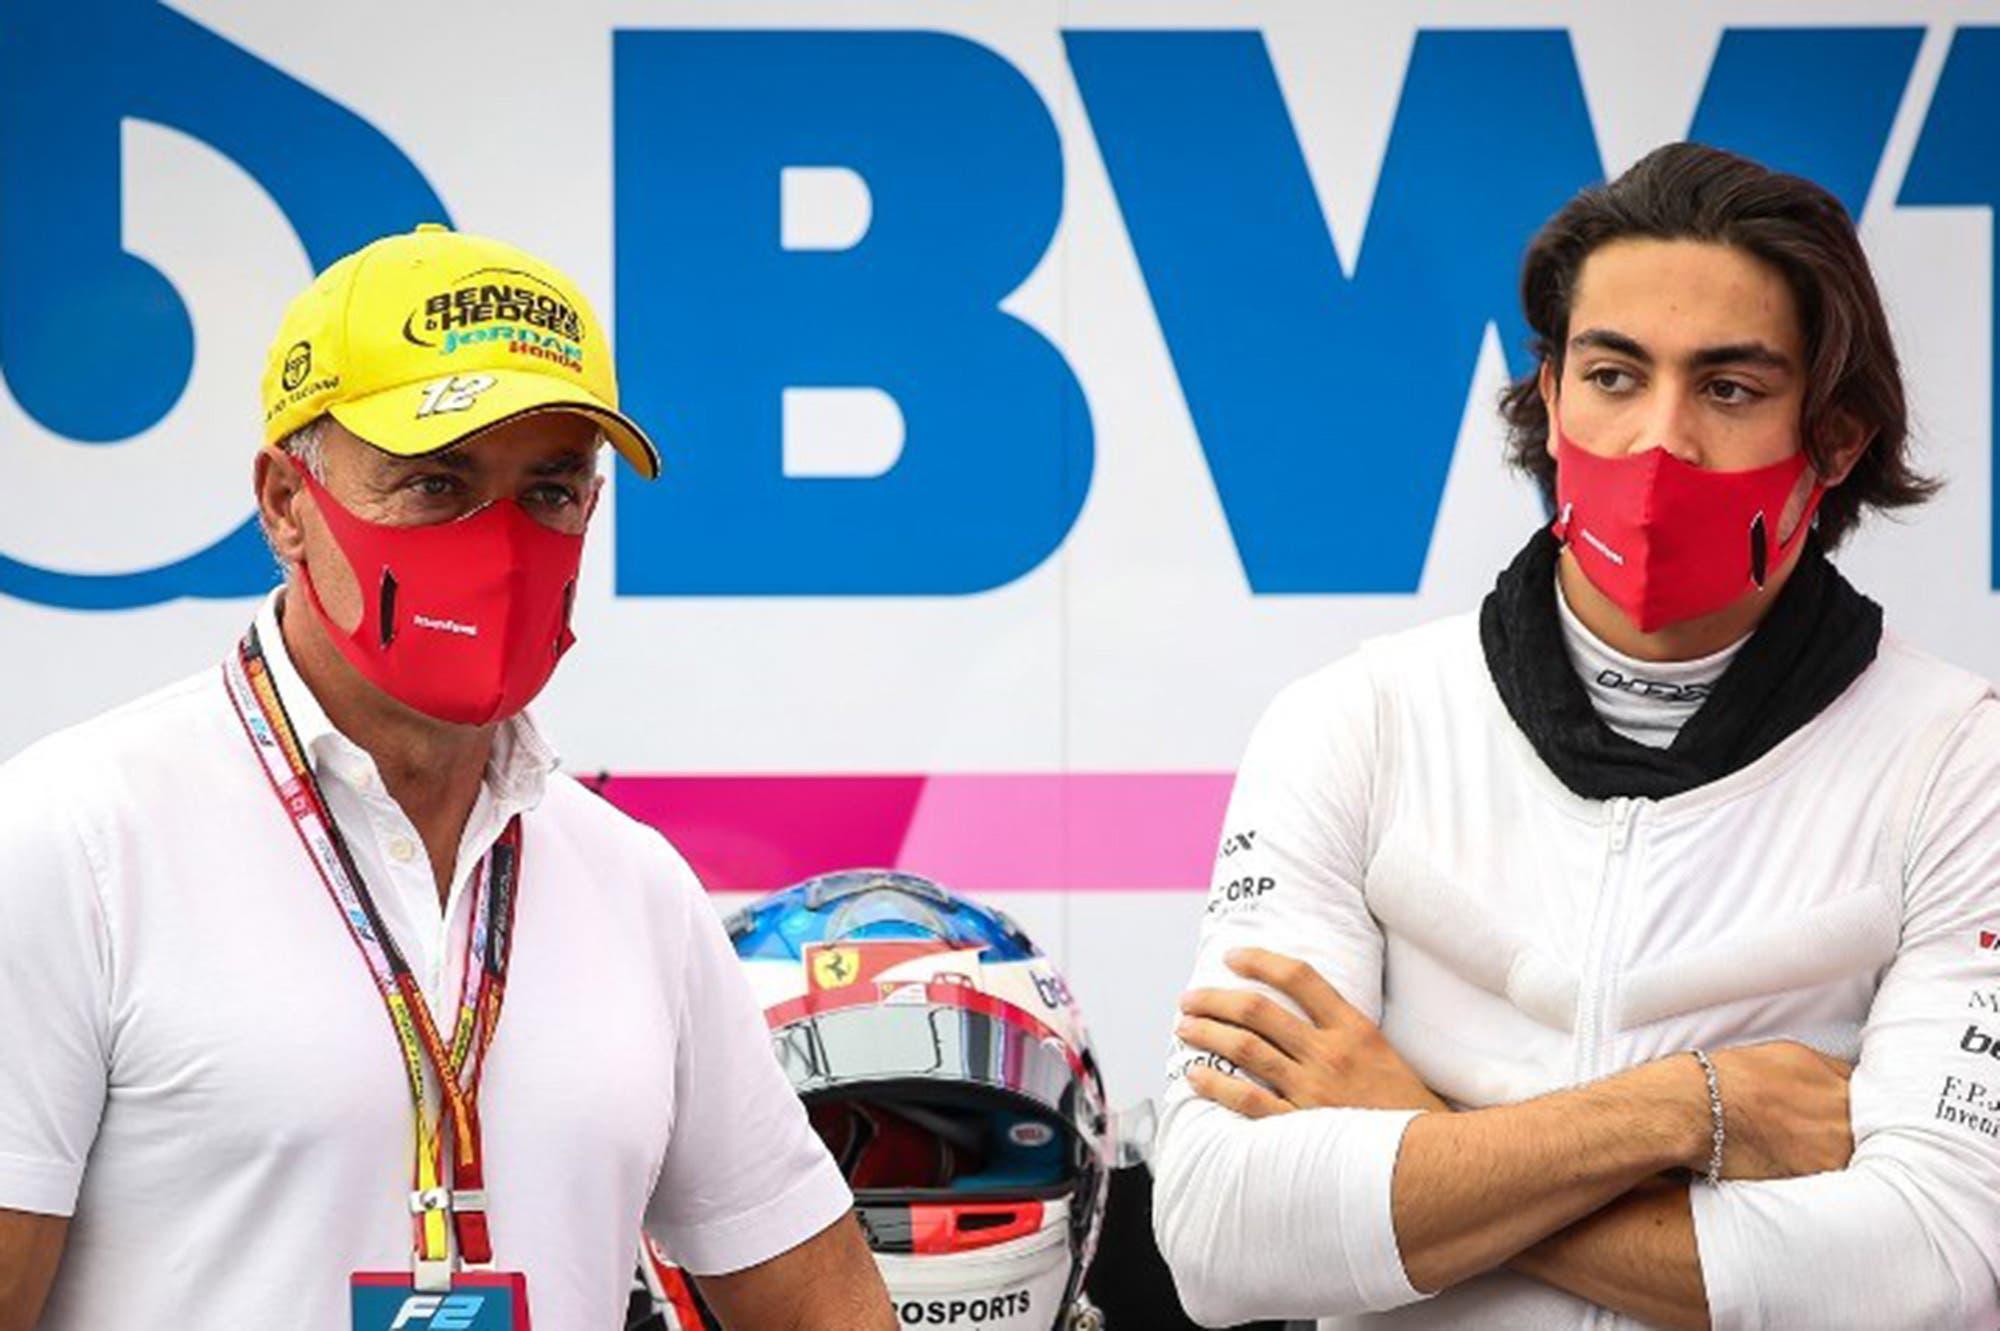 Fórmula 1: Alesi y Ferrari, y un breve reencuentro que llegó tres décadas después